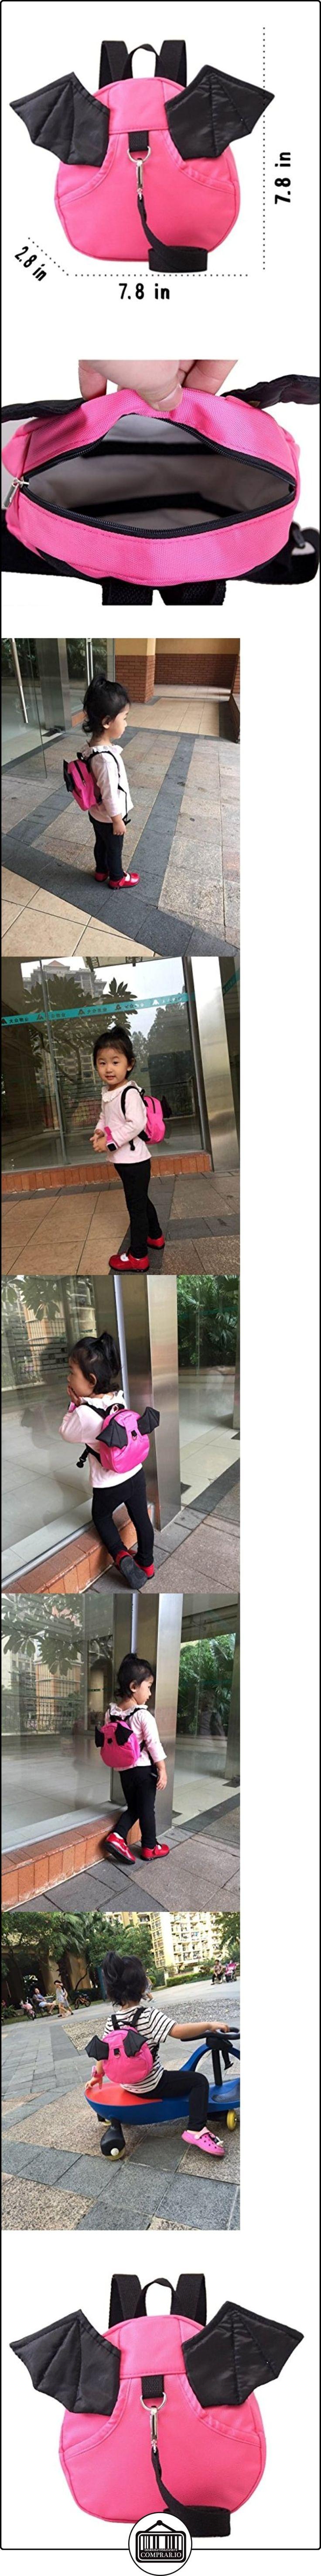 fvstar para caminar Arnés de seguridad, mochila con arnés de seguridad, Kids Walking auxiliar con correa, bebé anti-lost mochila rosa rosa  ✿ Seguridad para tu bebé - (Protege a tus hijos) ✿ ▬► Ver oferta: http://comprar.io/goto/B01LZG0FAC